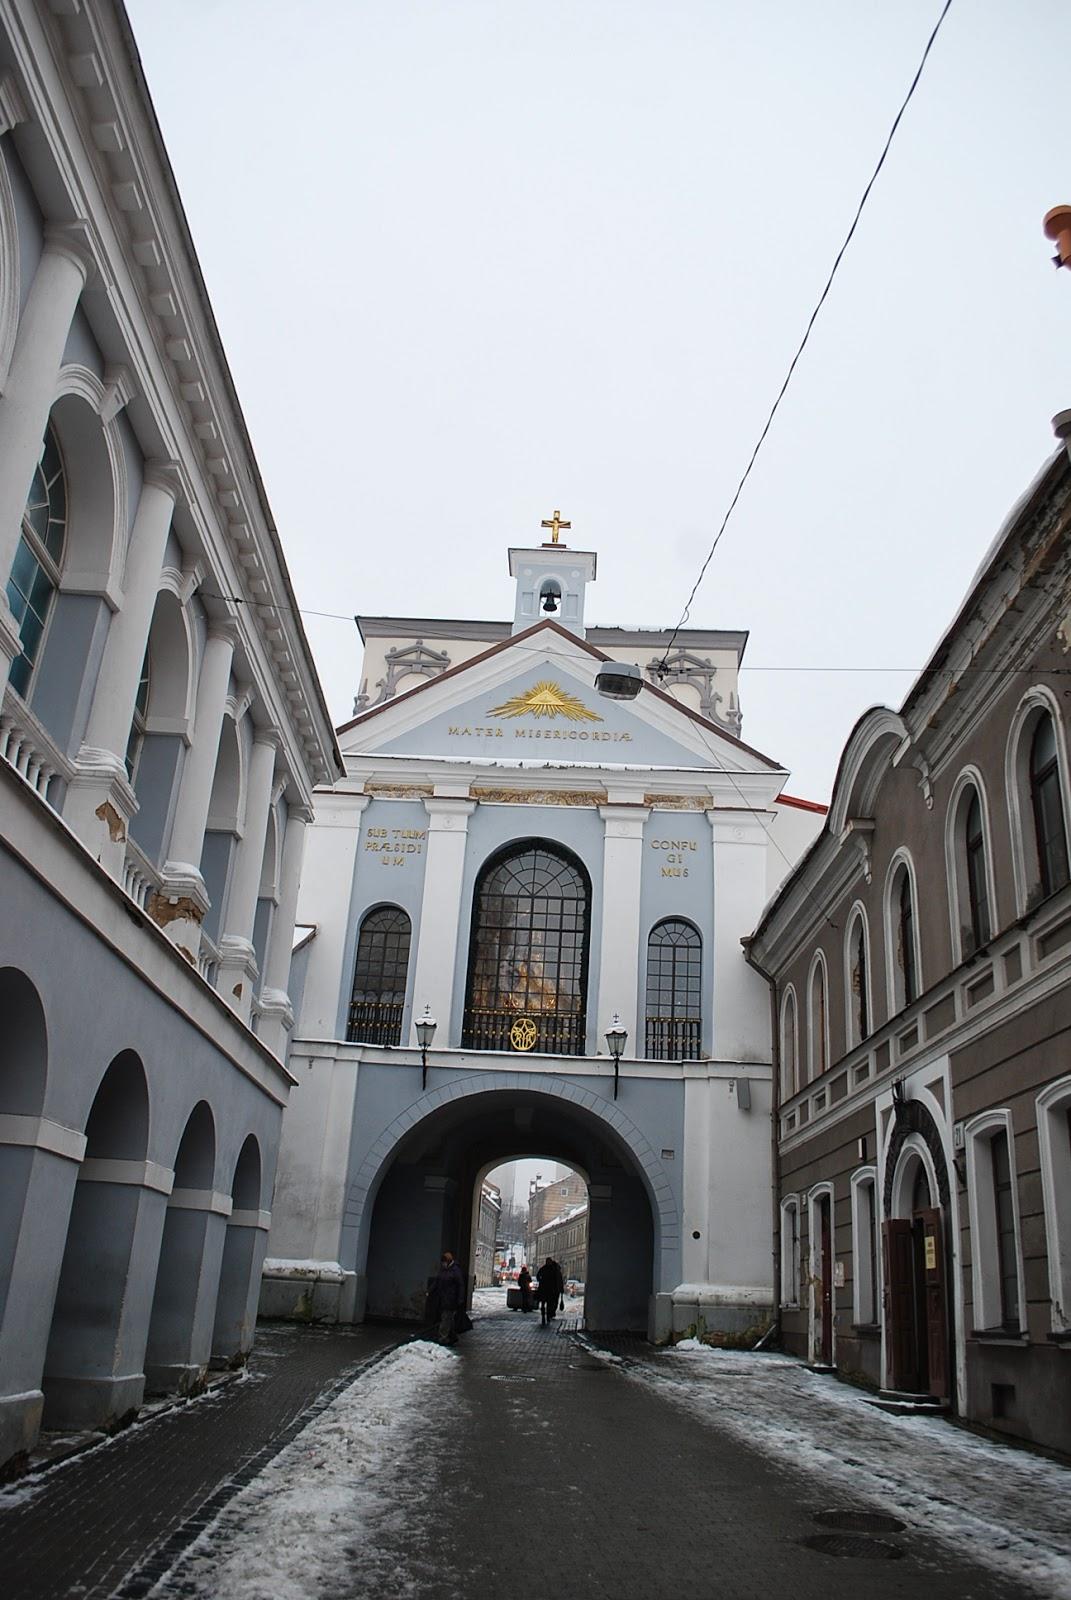 Острая брама (Острые ворота) и Чудотворный образ Матери Божией Остробрамской, вид со стороны старого города.